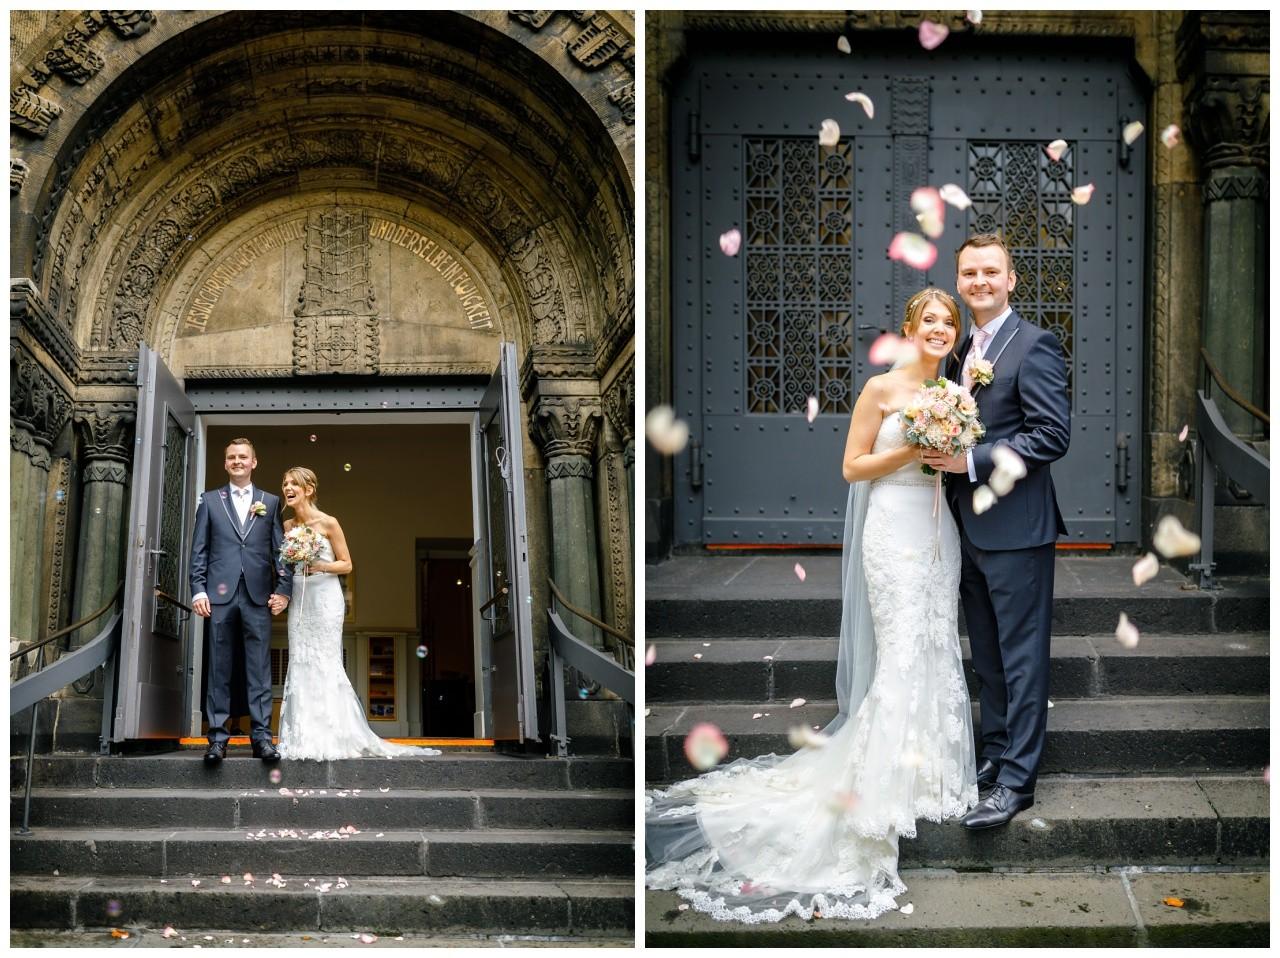 Das Brautpaar wird vor der Kirche mit Blumen und Seifenblasen begrüßt